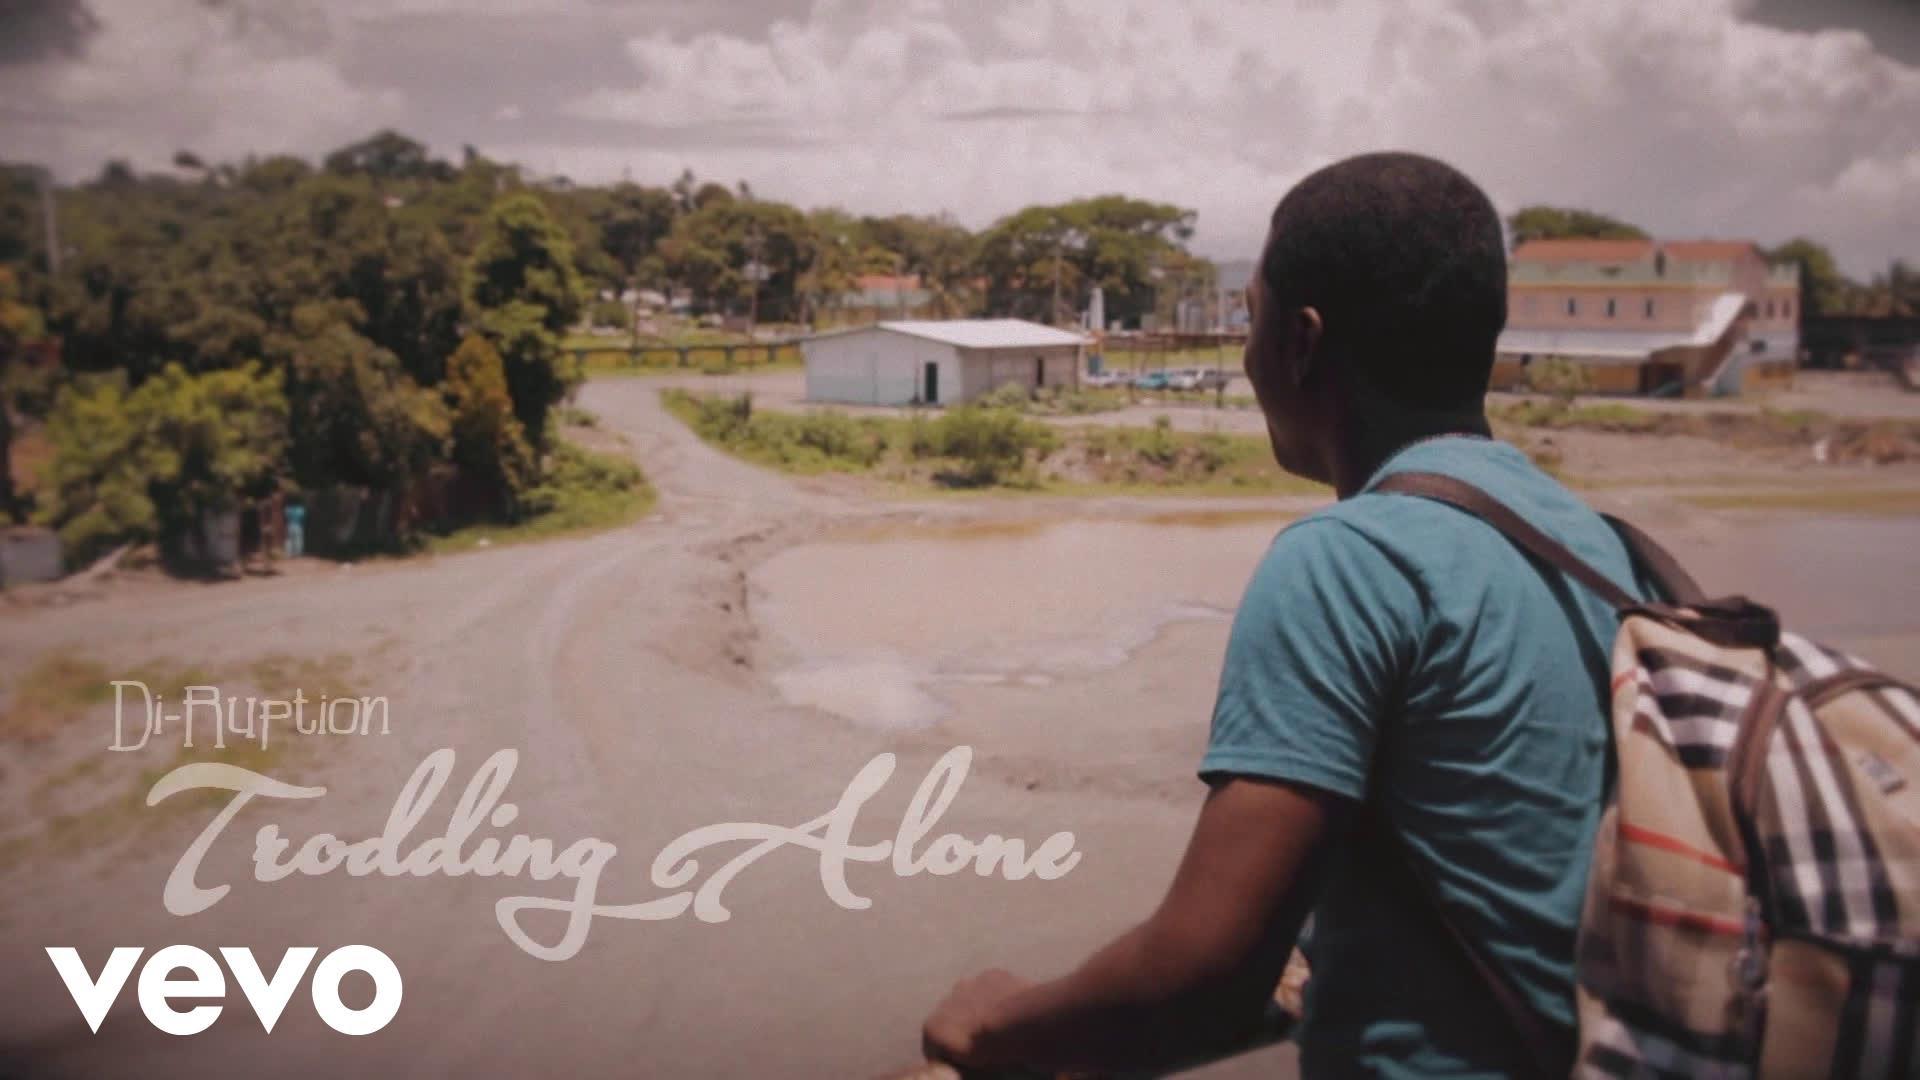 Di-Ruption - Trodding Alone [6/5/2016]